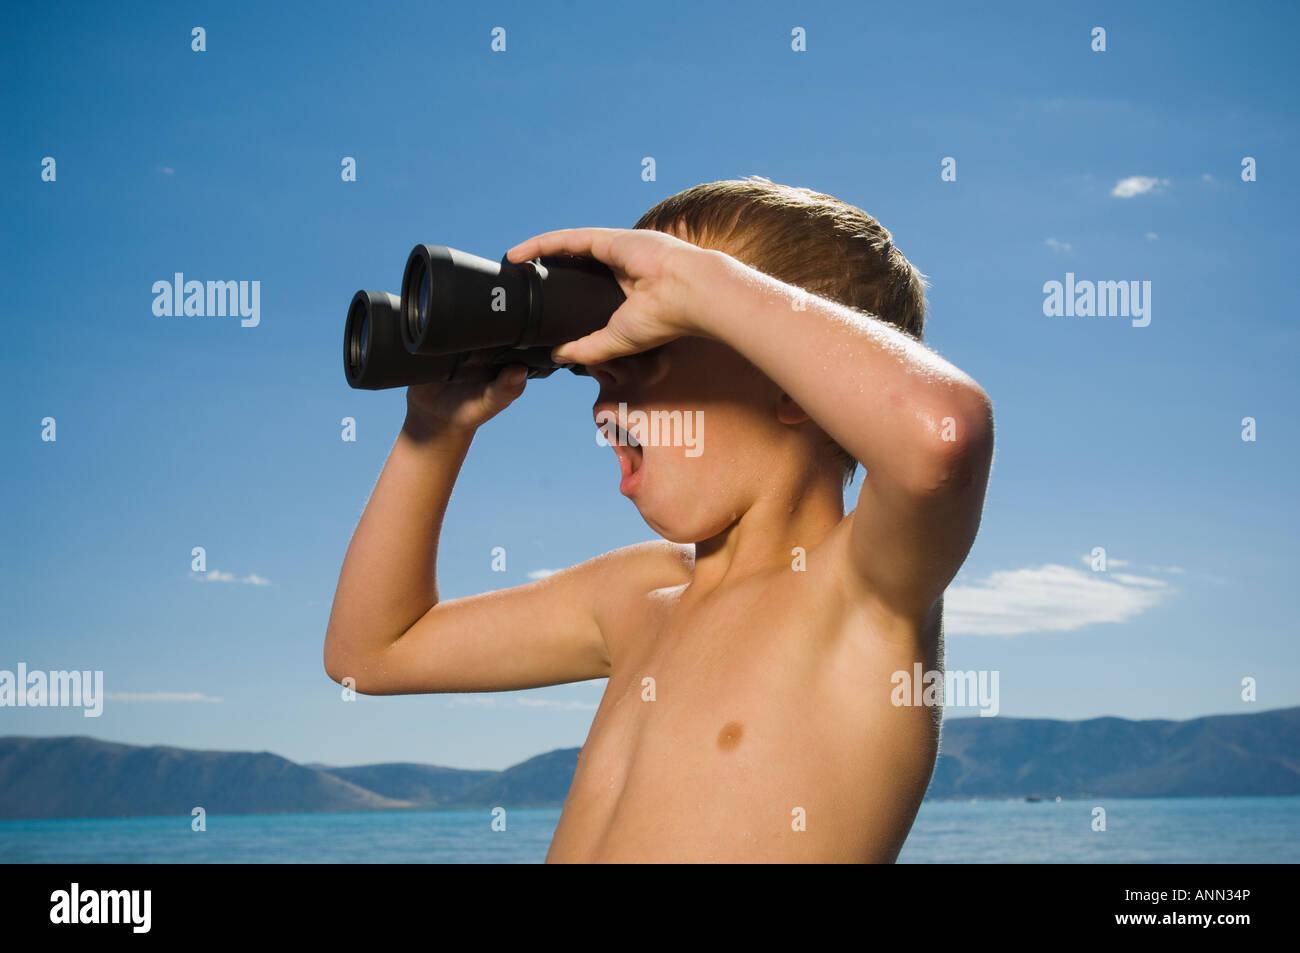 Boy looking through binoculars, Utah, United States - Stock Image